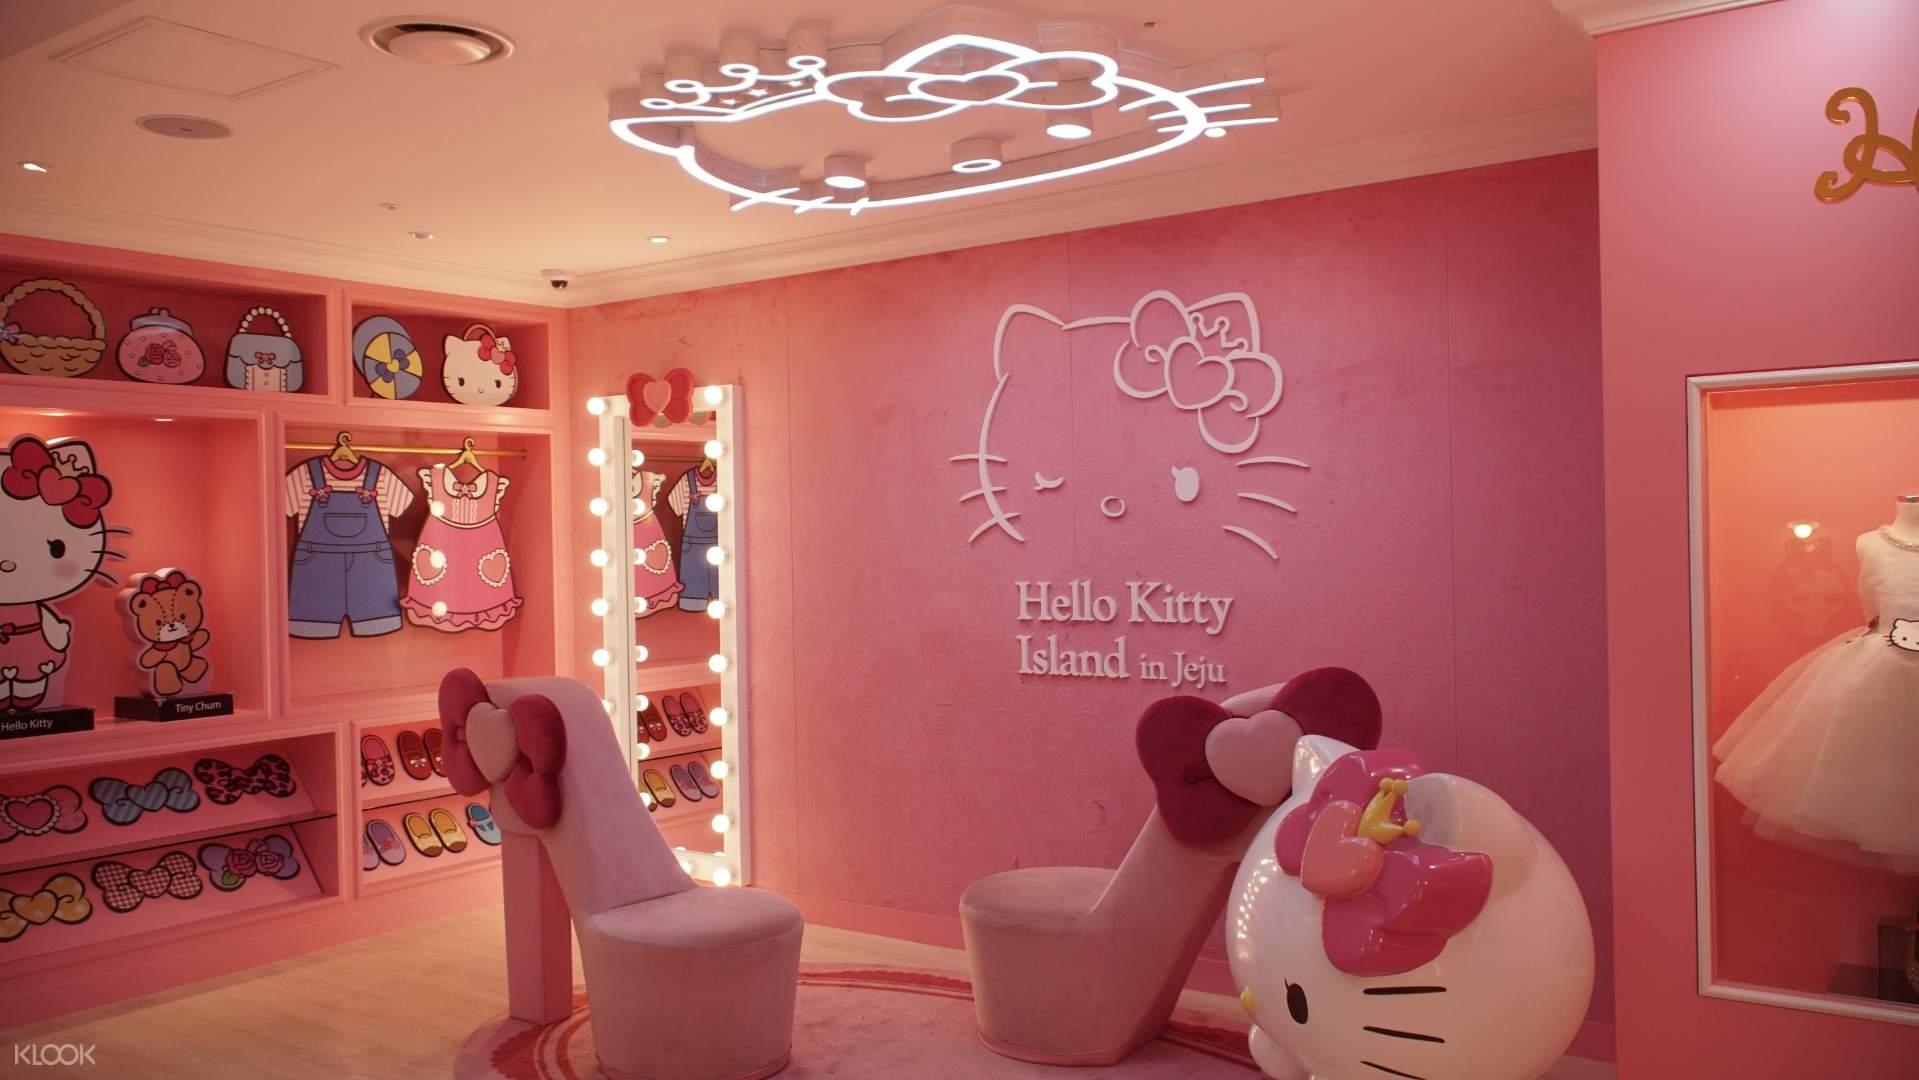 Hello Kitty Island Klook Us